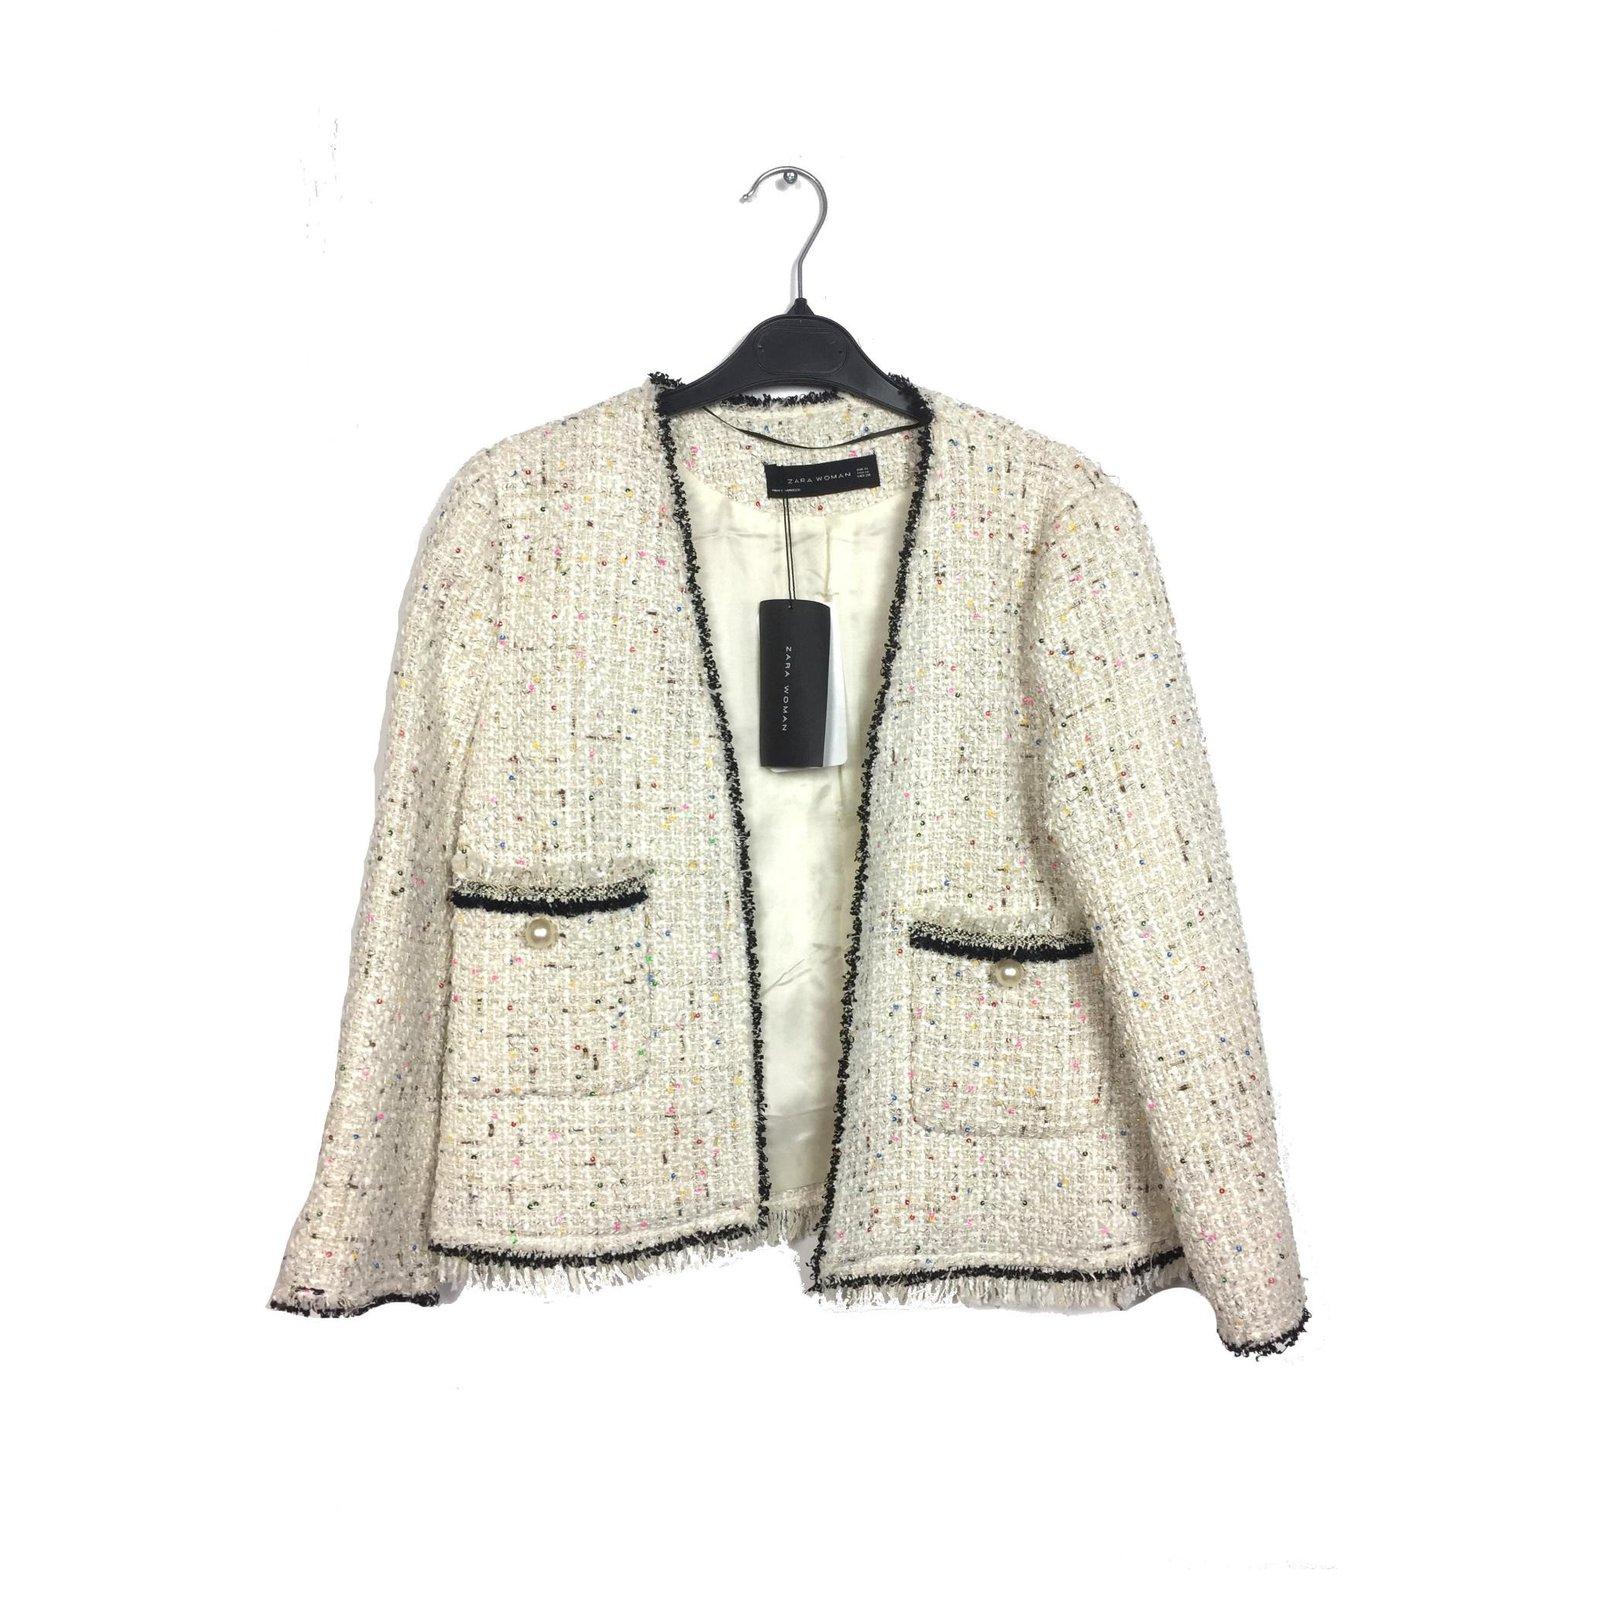 Vestes Zara Veste à paillettes Tweed Tweed Noir,Crème ref